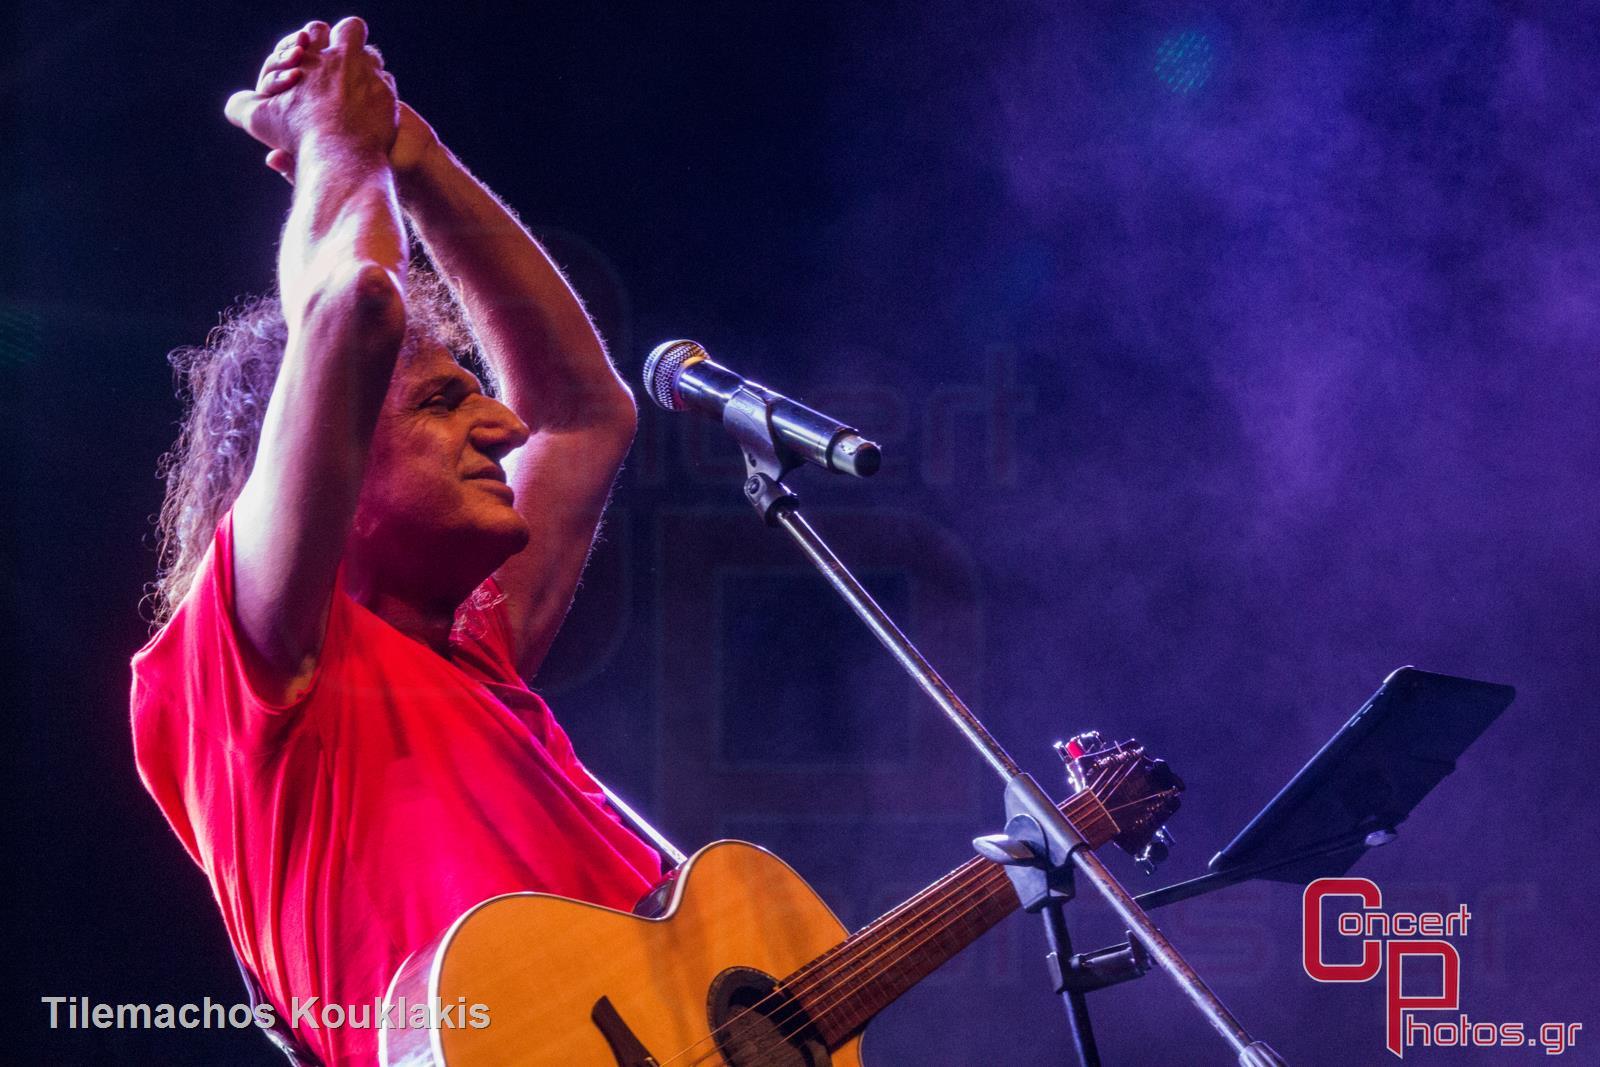 Βασίλης Παπακωνσταντίνου - 40 Χρόνια Έφηβος-Vasilis Papakonstantinou 40 Chronia Efivos photographer: Tilemachos Kouklakis - concertphotos_-4561